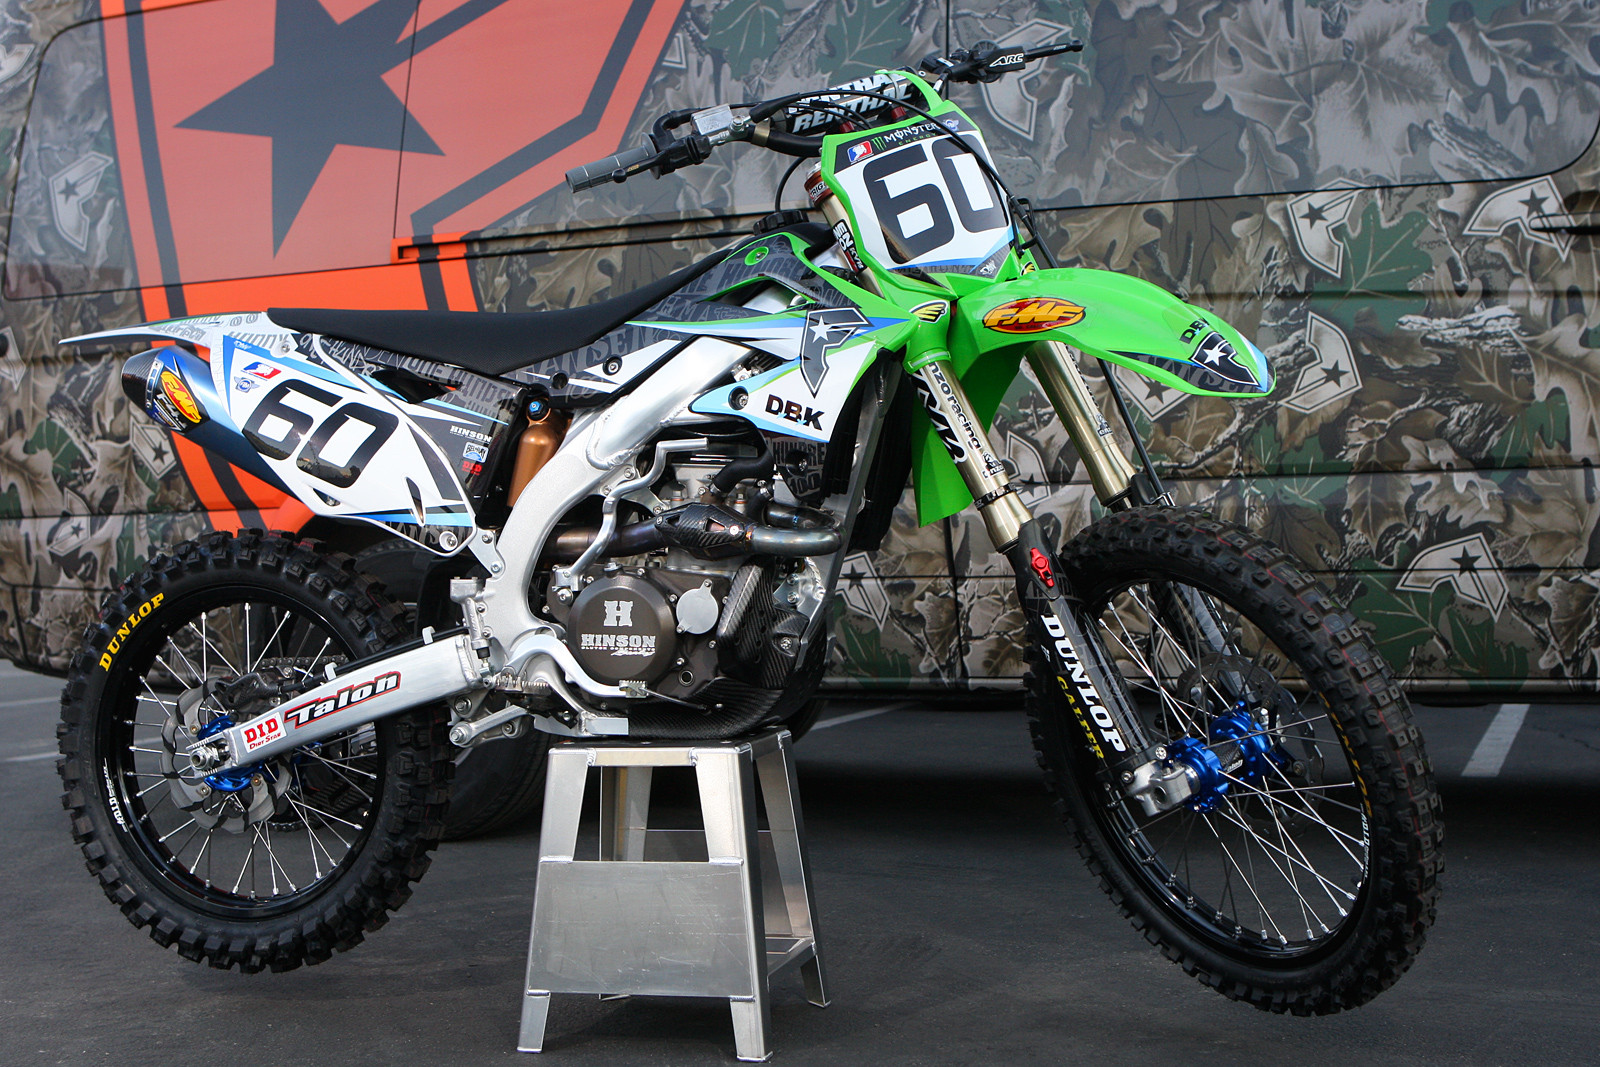 Josh Hansen - Bikes of Supercross 2013 - Motocross Pictures - Vital MX